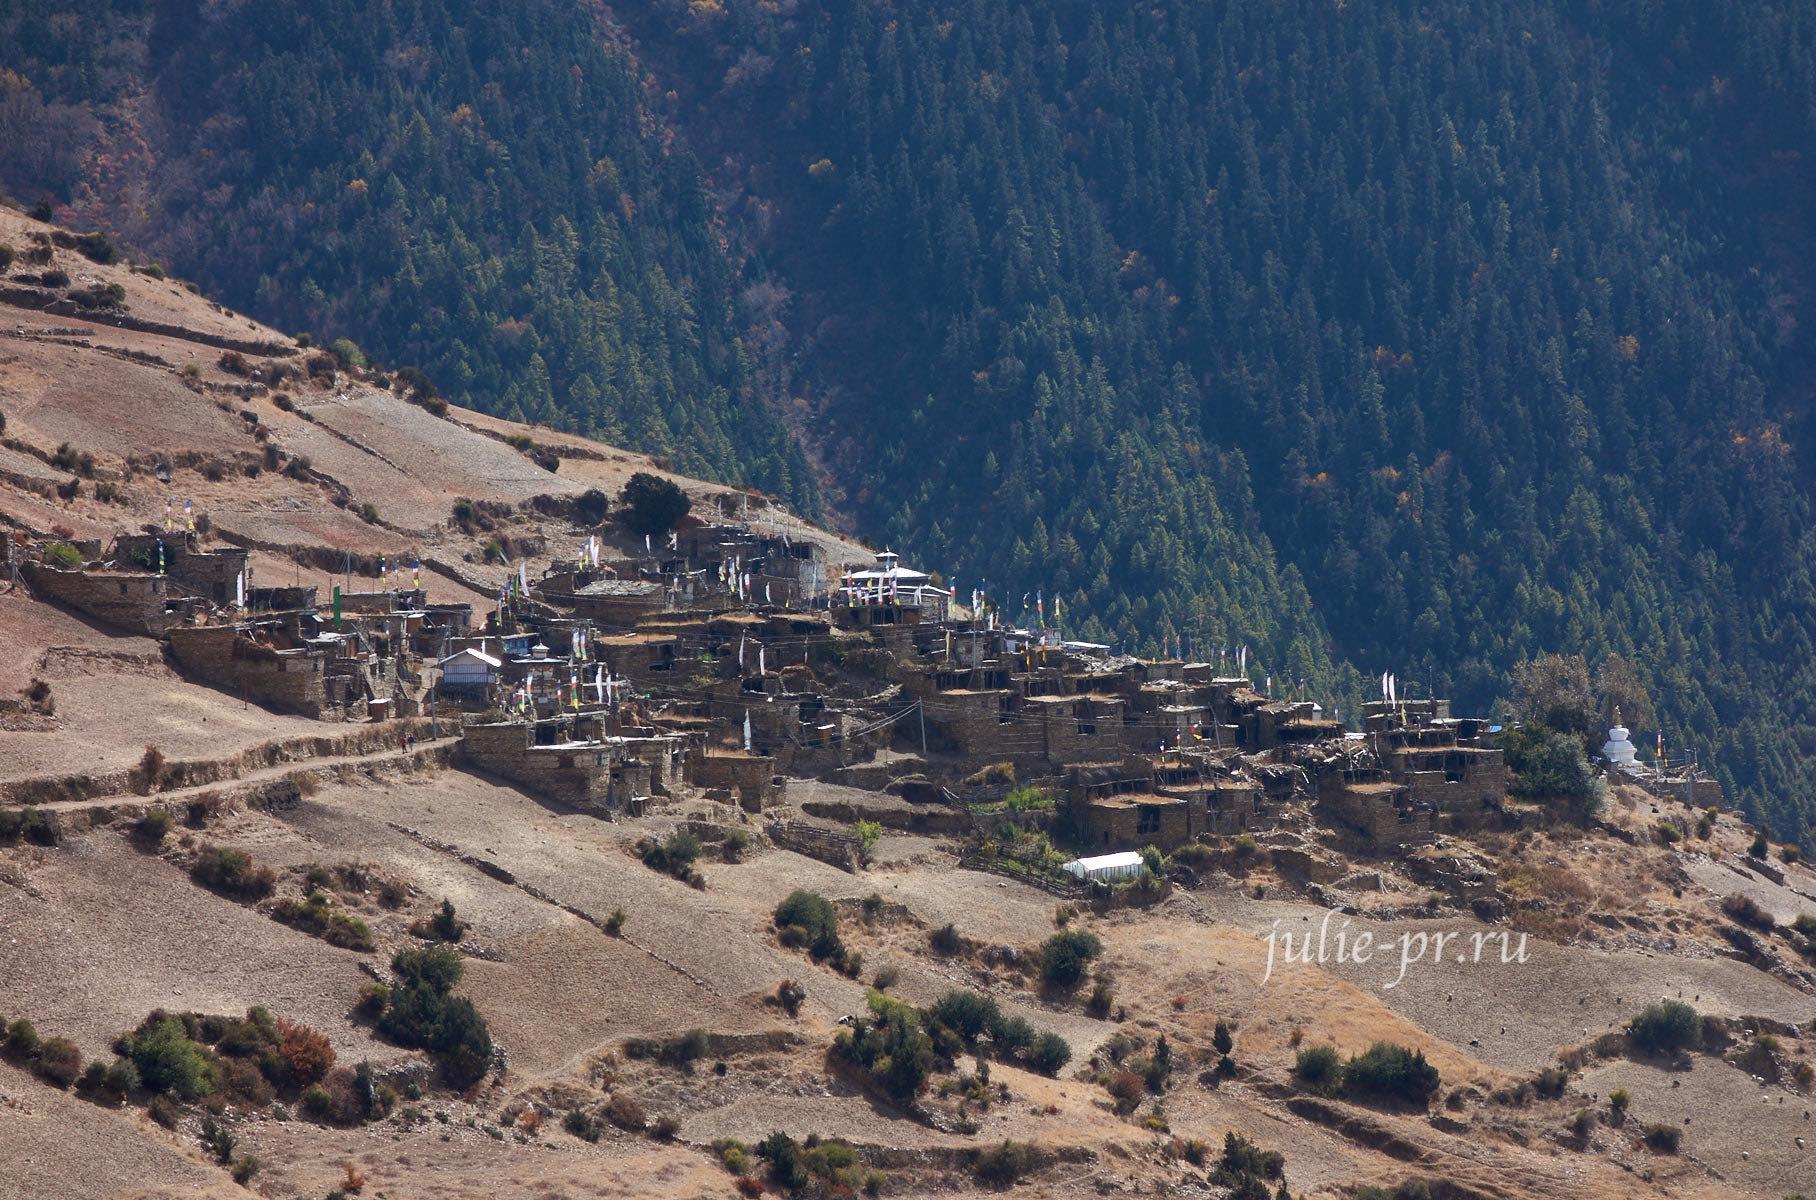 Непал, Трек вокруг Аннапурны, Ghyaru